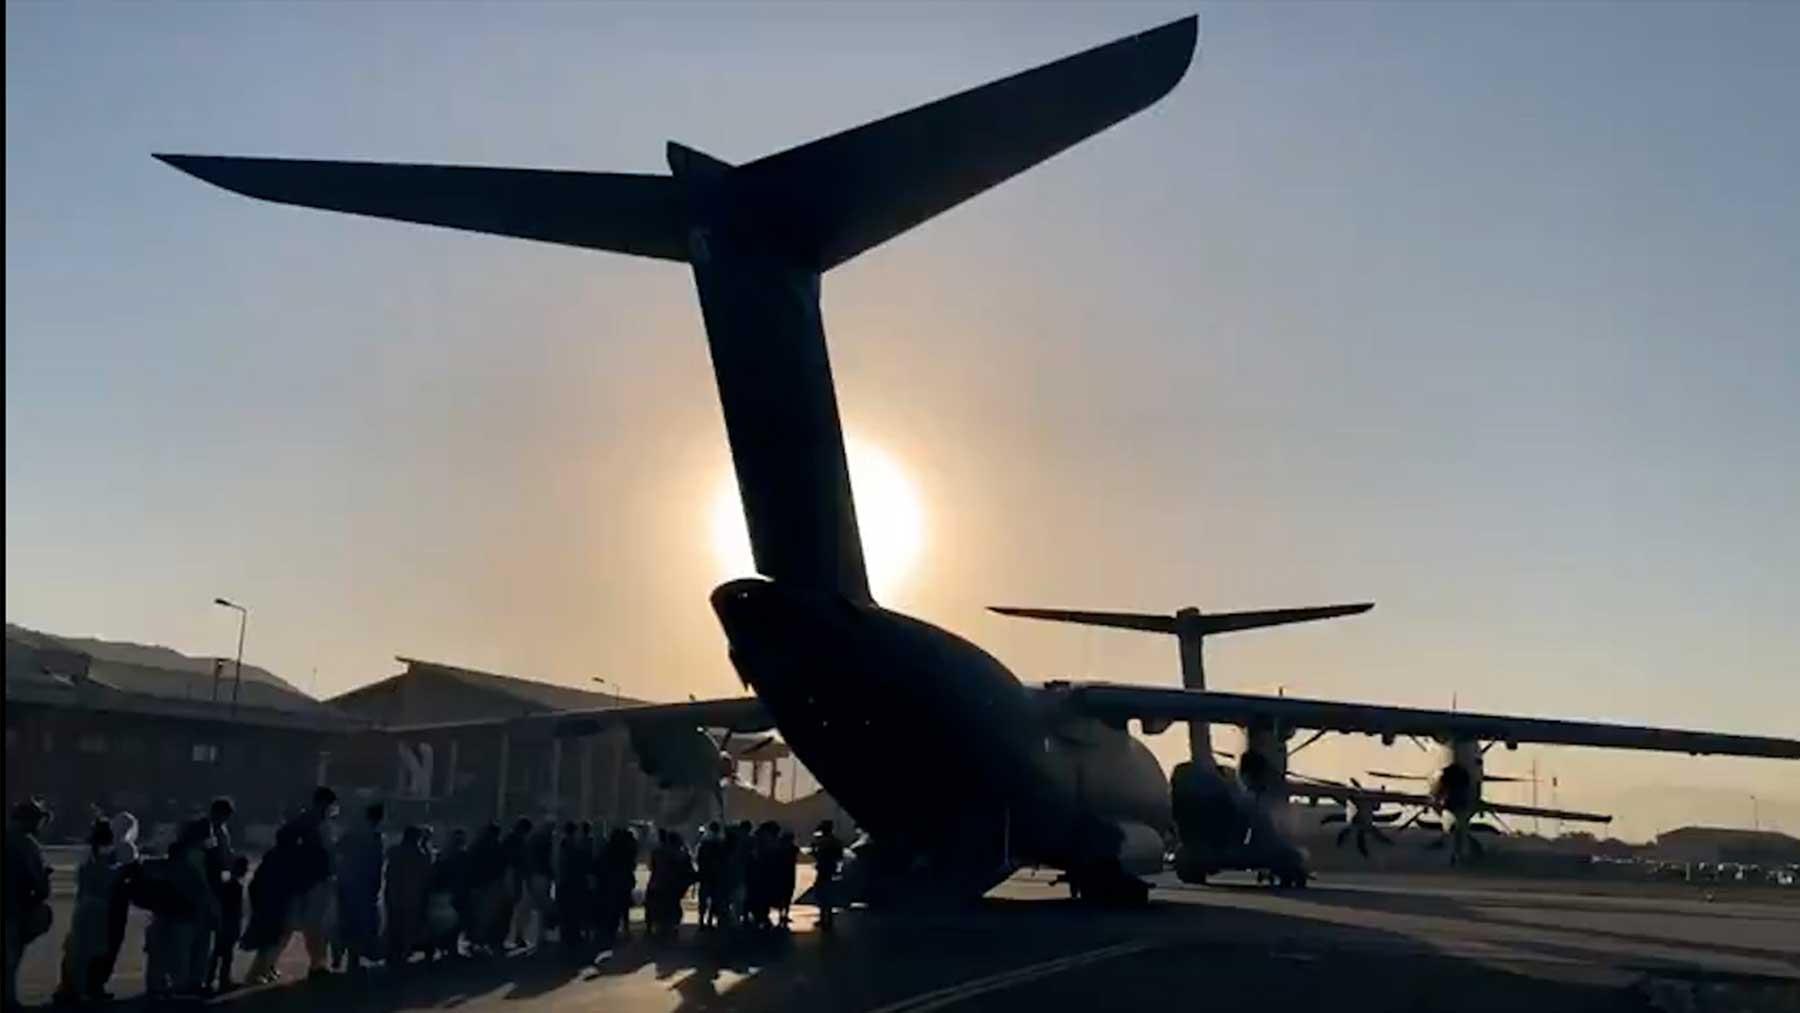 Un grupo de refugiados afganos embarca en un avión español en Kabul.